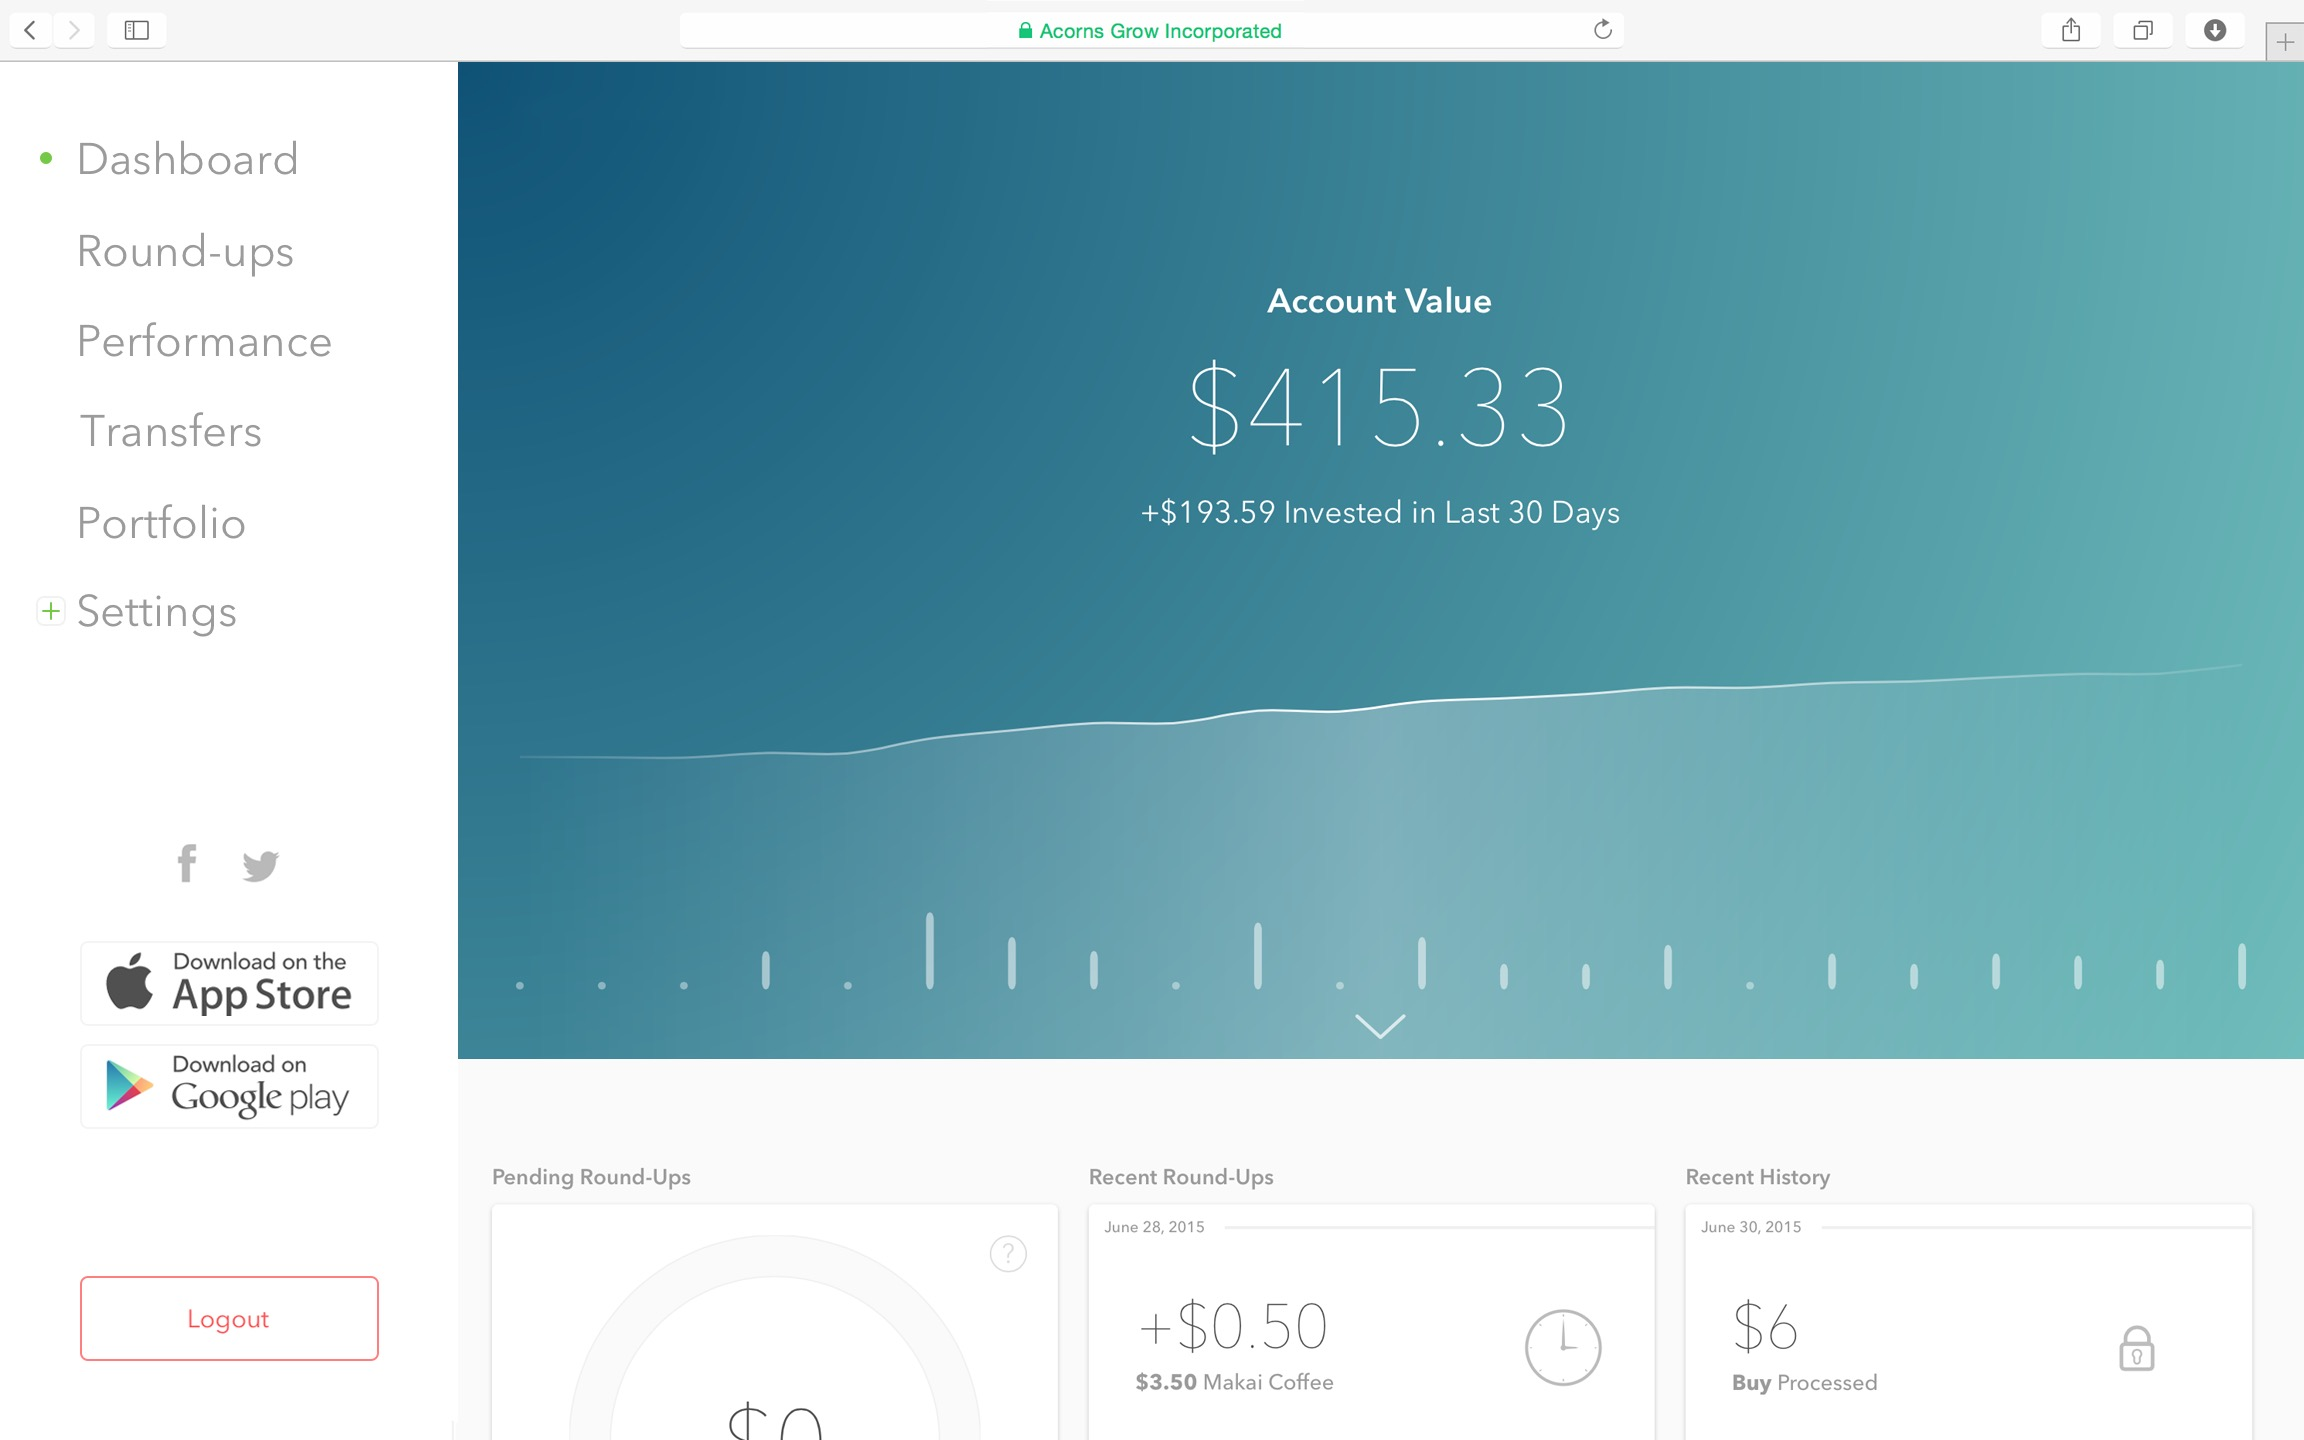 Acorns website.